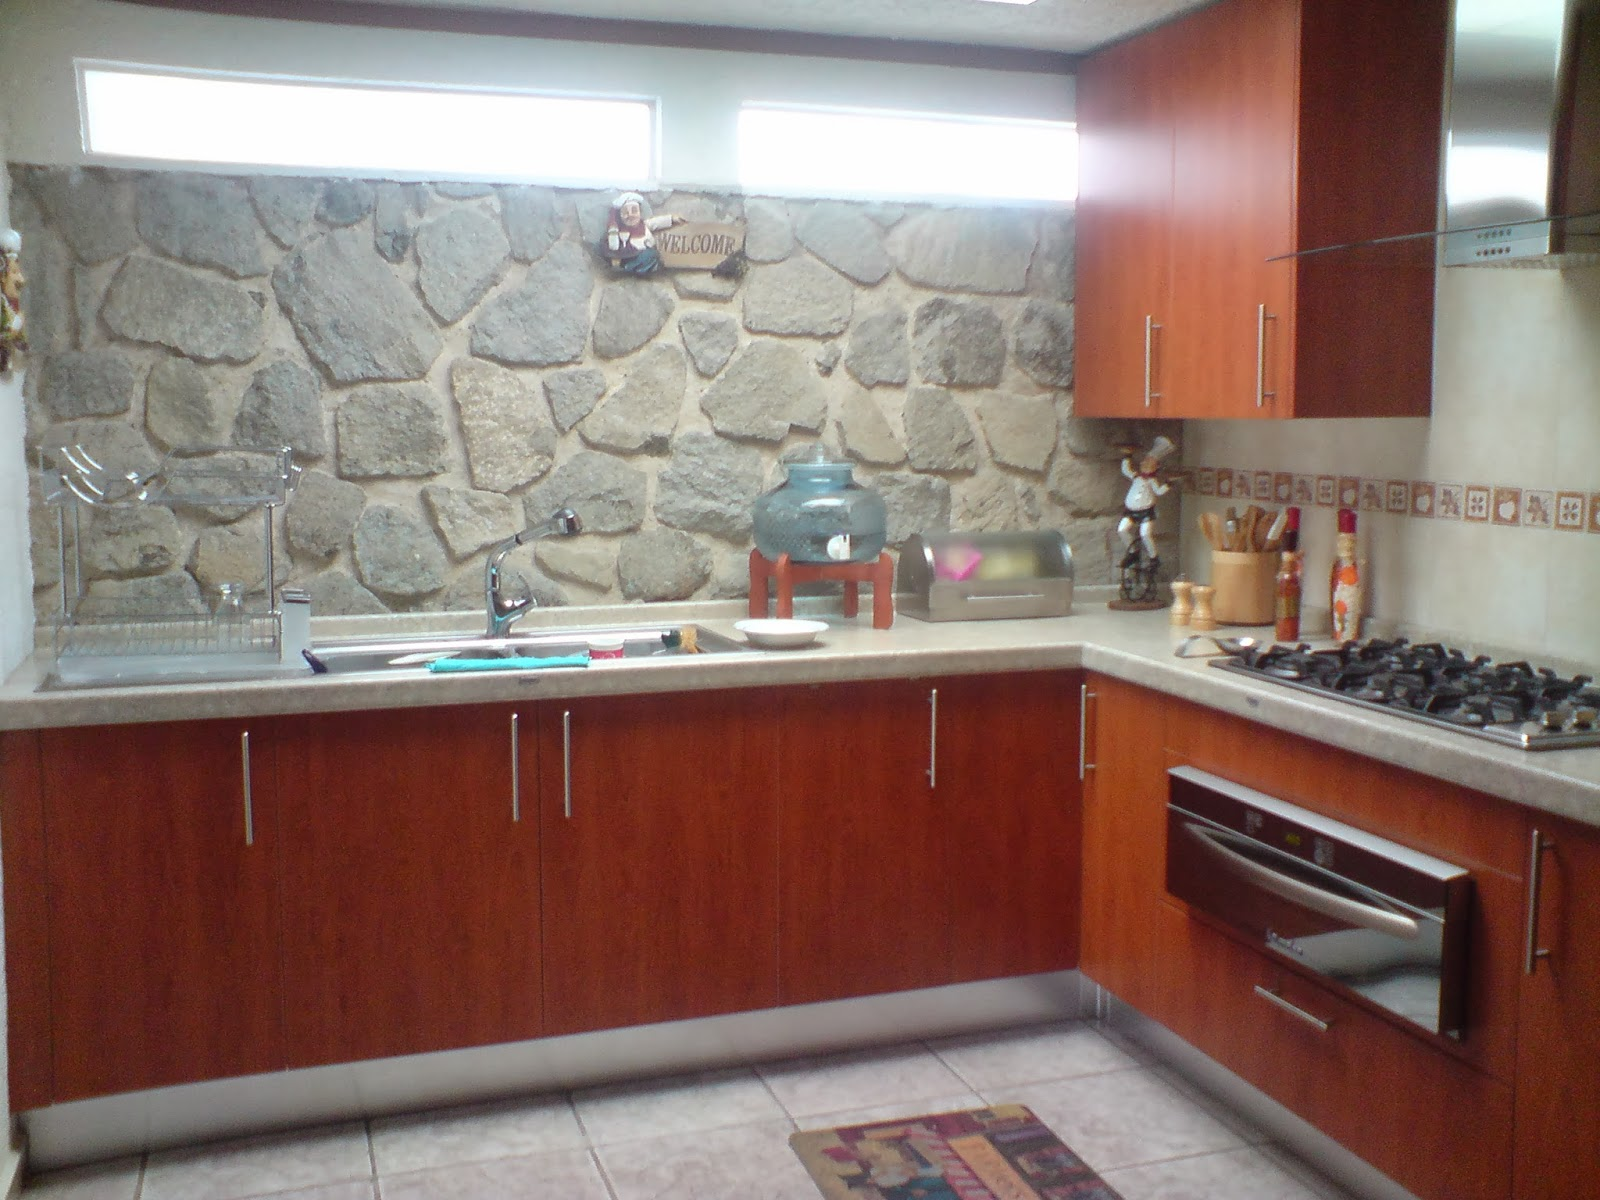 Dise o en cocinas integrales galeria cocinas material Mejor material para encimeras de cocina